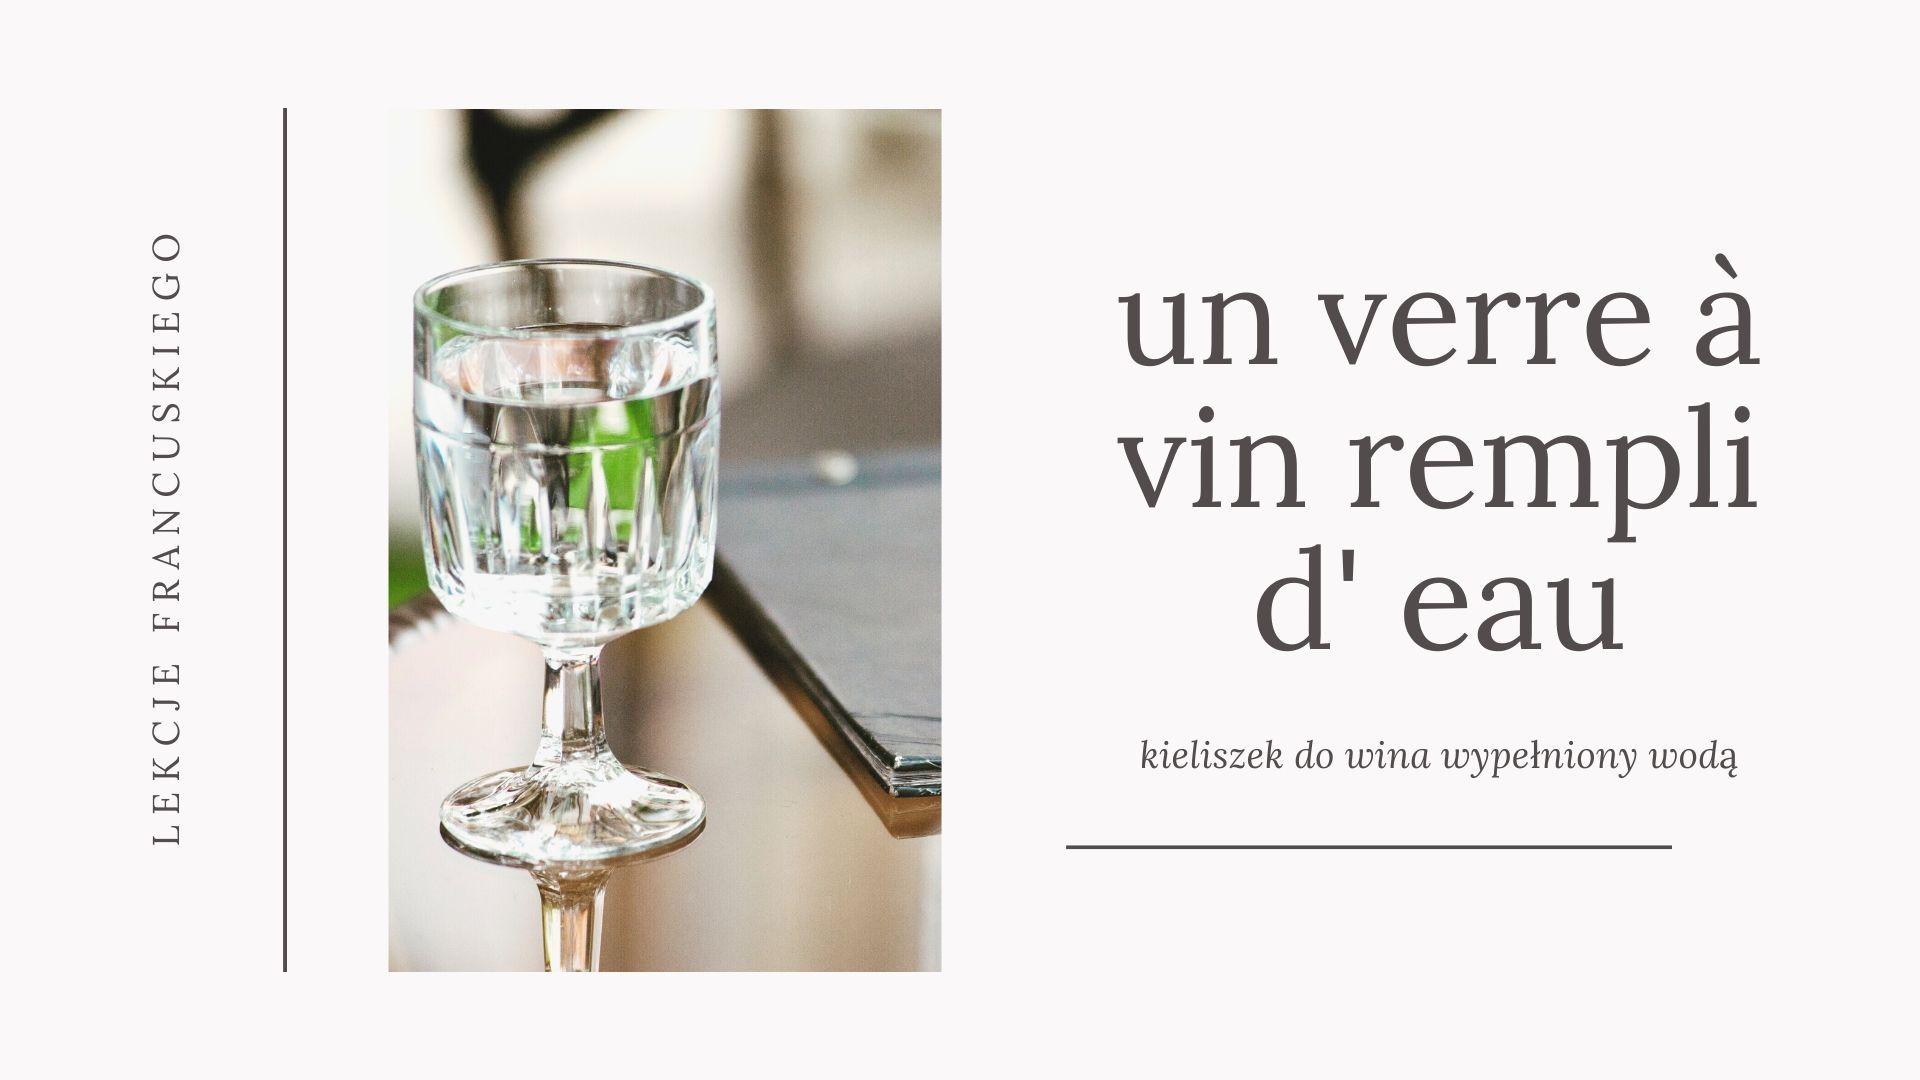 Kiedy mówimy po francusku: un verre à vin, a kiedy un verre de vin, czyli kieliszek do wina versus kieliszek z winem.